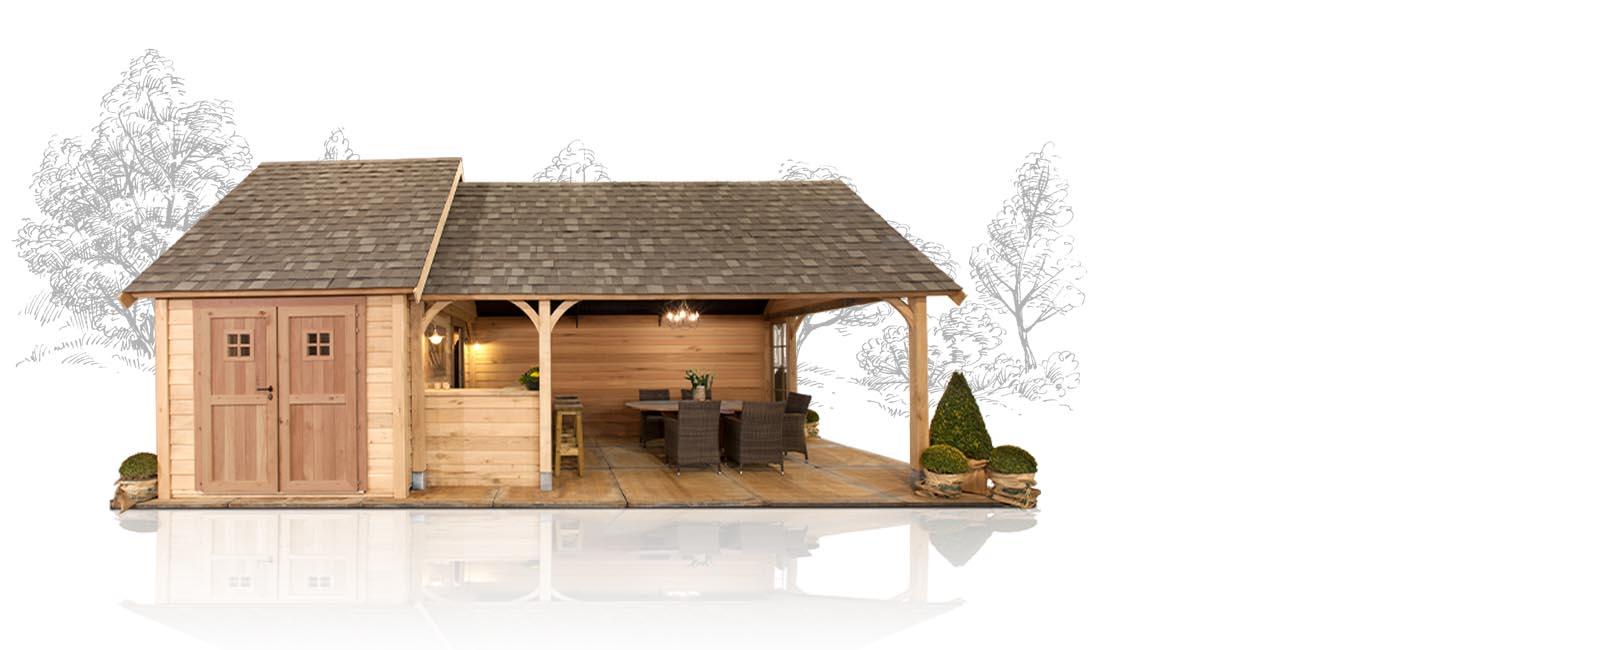 Besoin d\'un abri de jardin en bois, une cabane, un chalet ou un ...